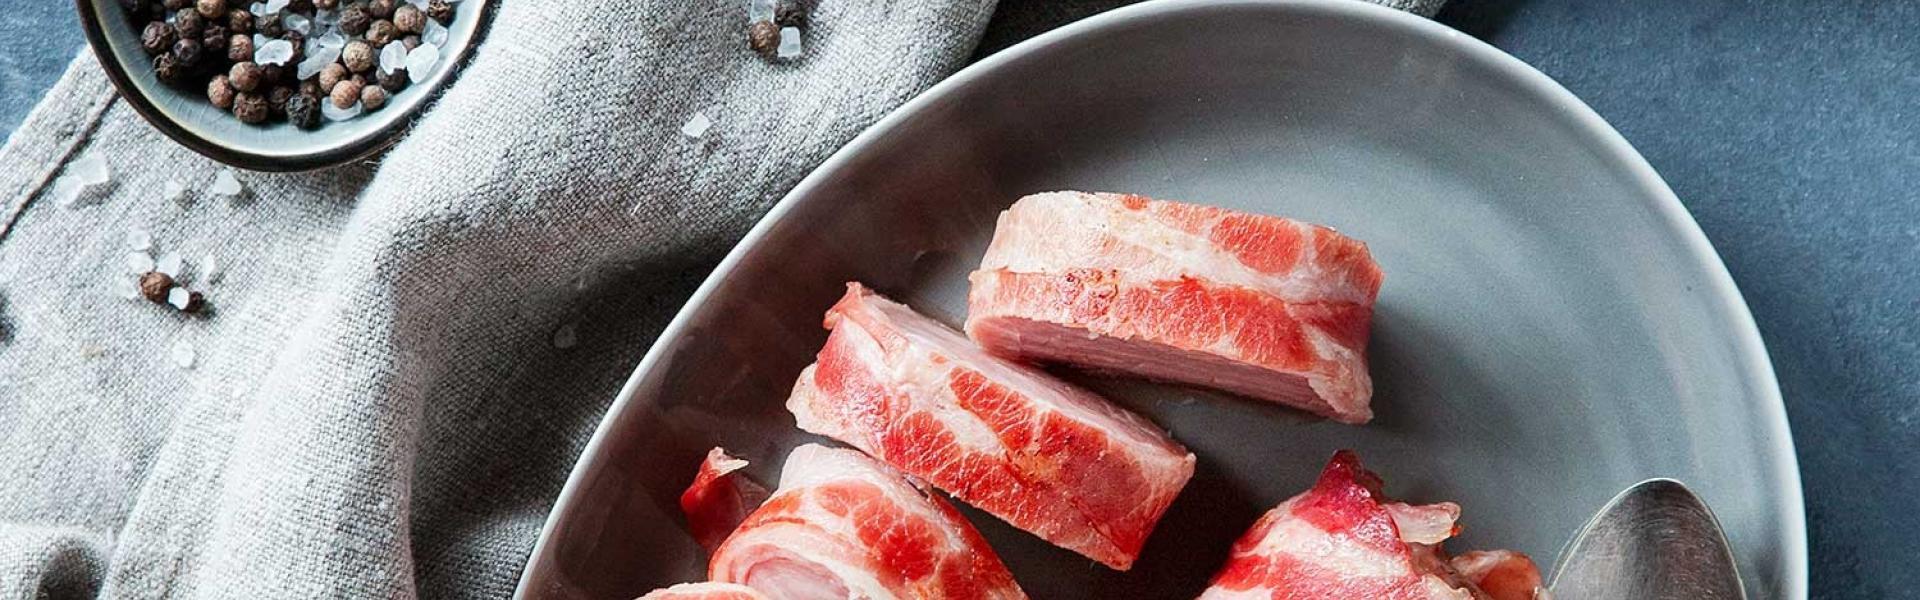 Schweinefilet im Speckmantel angeschnitten auf einem Teller.